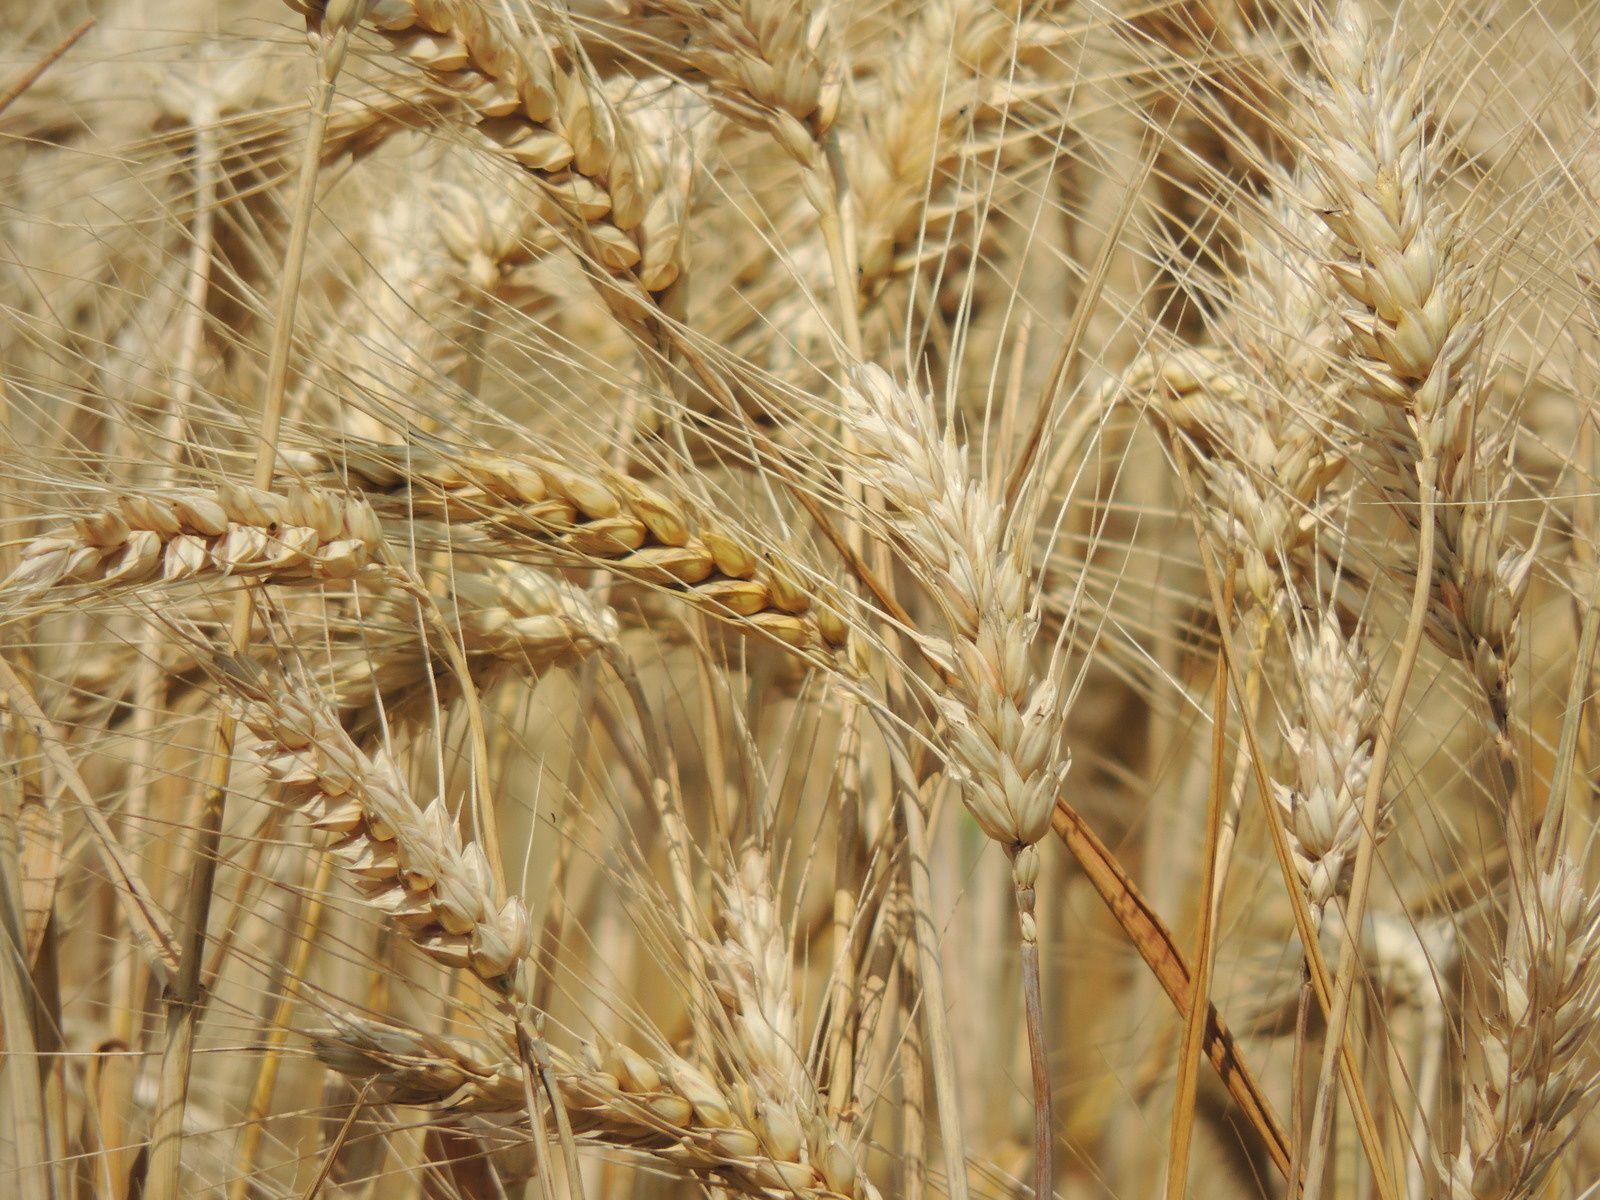 Epis de blé. Techniques d'élevage. Tous droits réservés